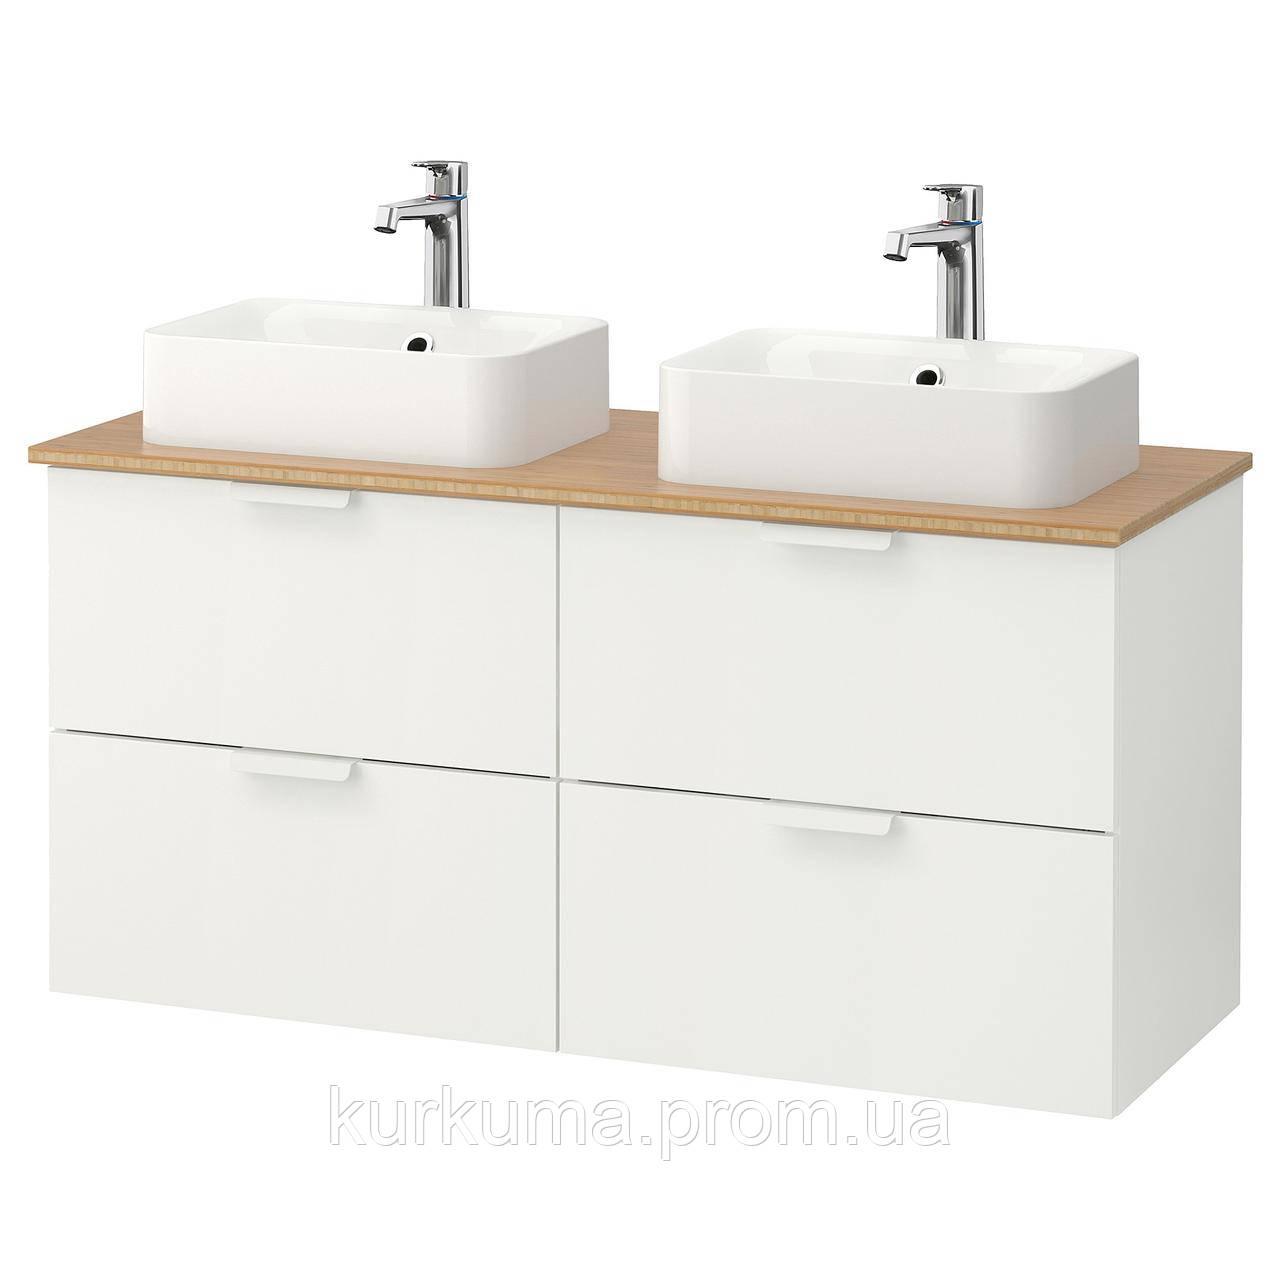 IKEA GODMORGON/TOLKEN/HORVIK Шкаф под умывальник с раковиной 45x32, белый, бамбук  (292.086.22)